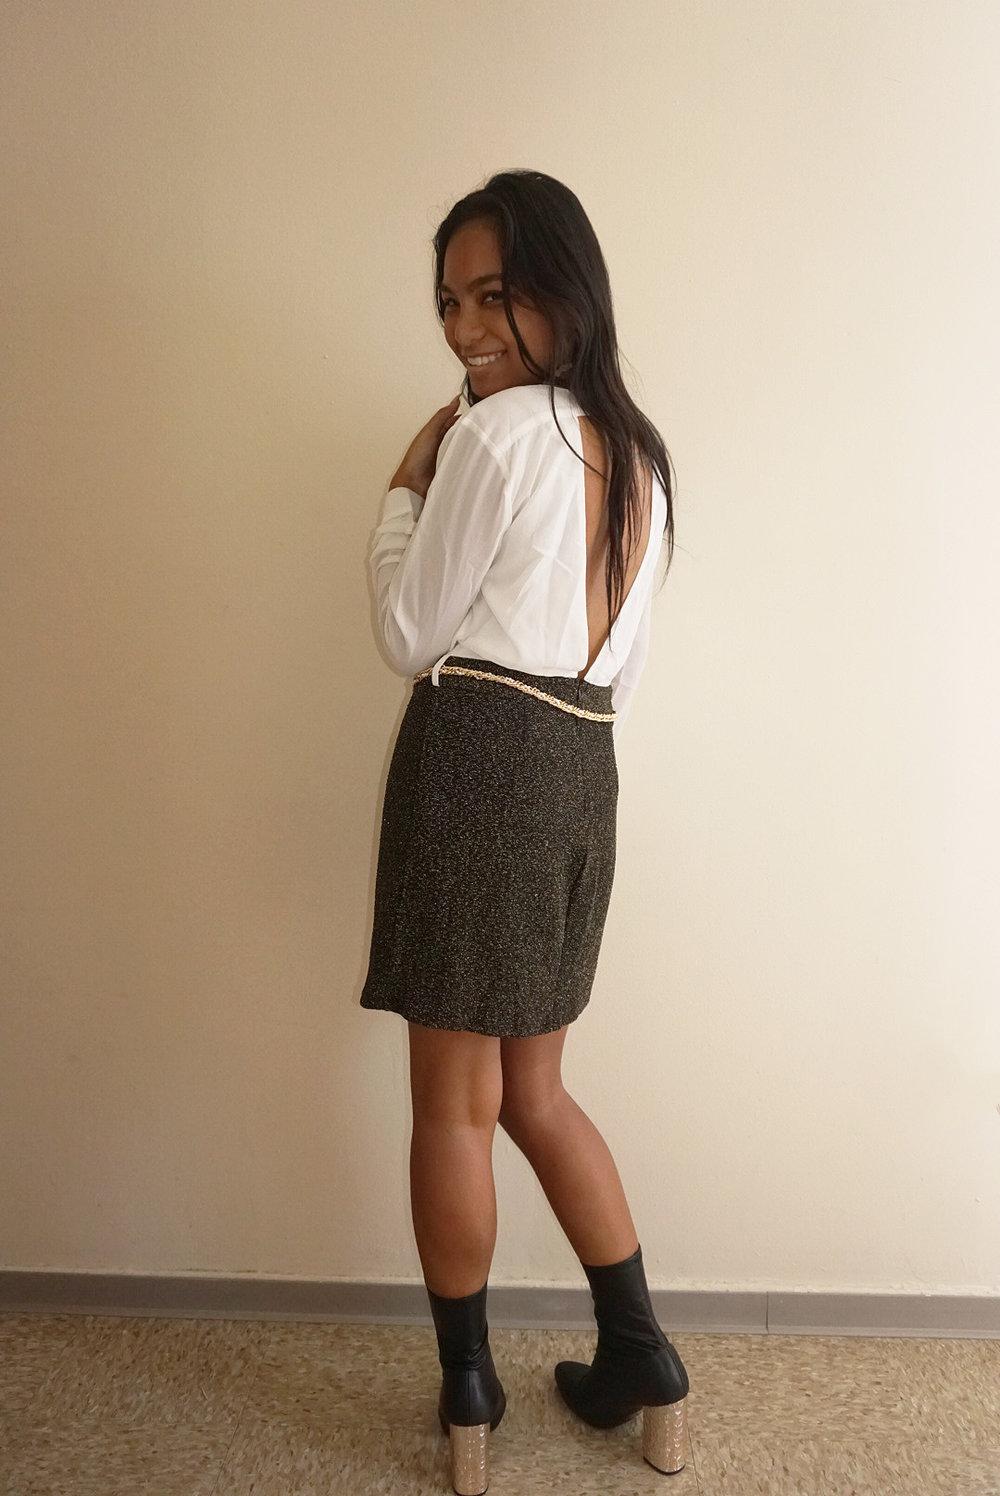 Two-Toned-Amiclubwear-Dress-Fall-Style-Blogger-LINDATENCHITRAN-4-1616x1080.jpg